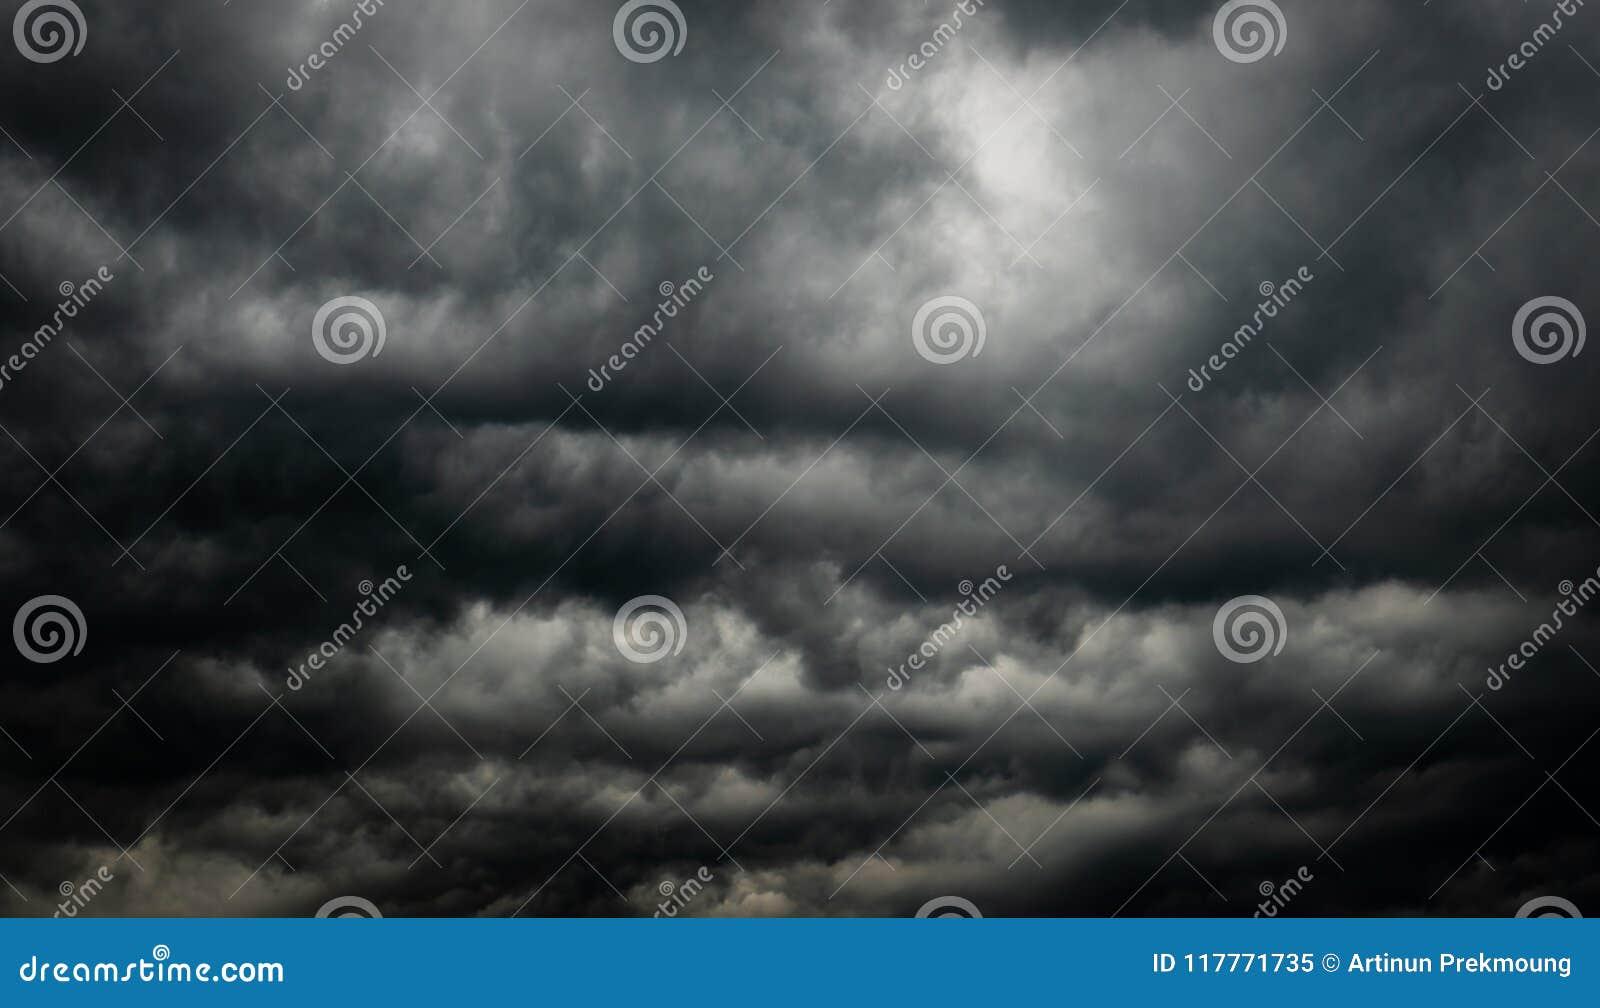 Ciel et nuages foncés dramatiques Fond de ciel nuageux Ciel noir avant orage et pluie Fond pour la mort, triste, s affligeant